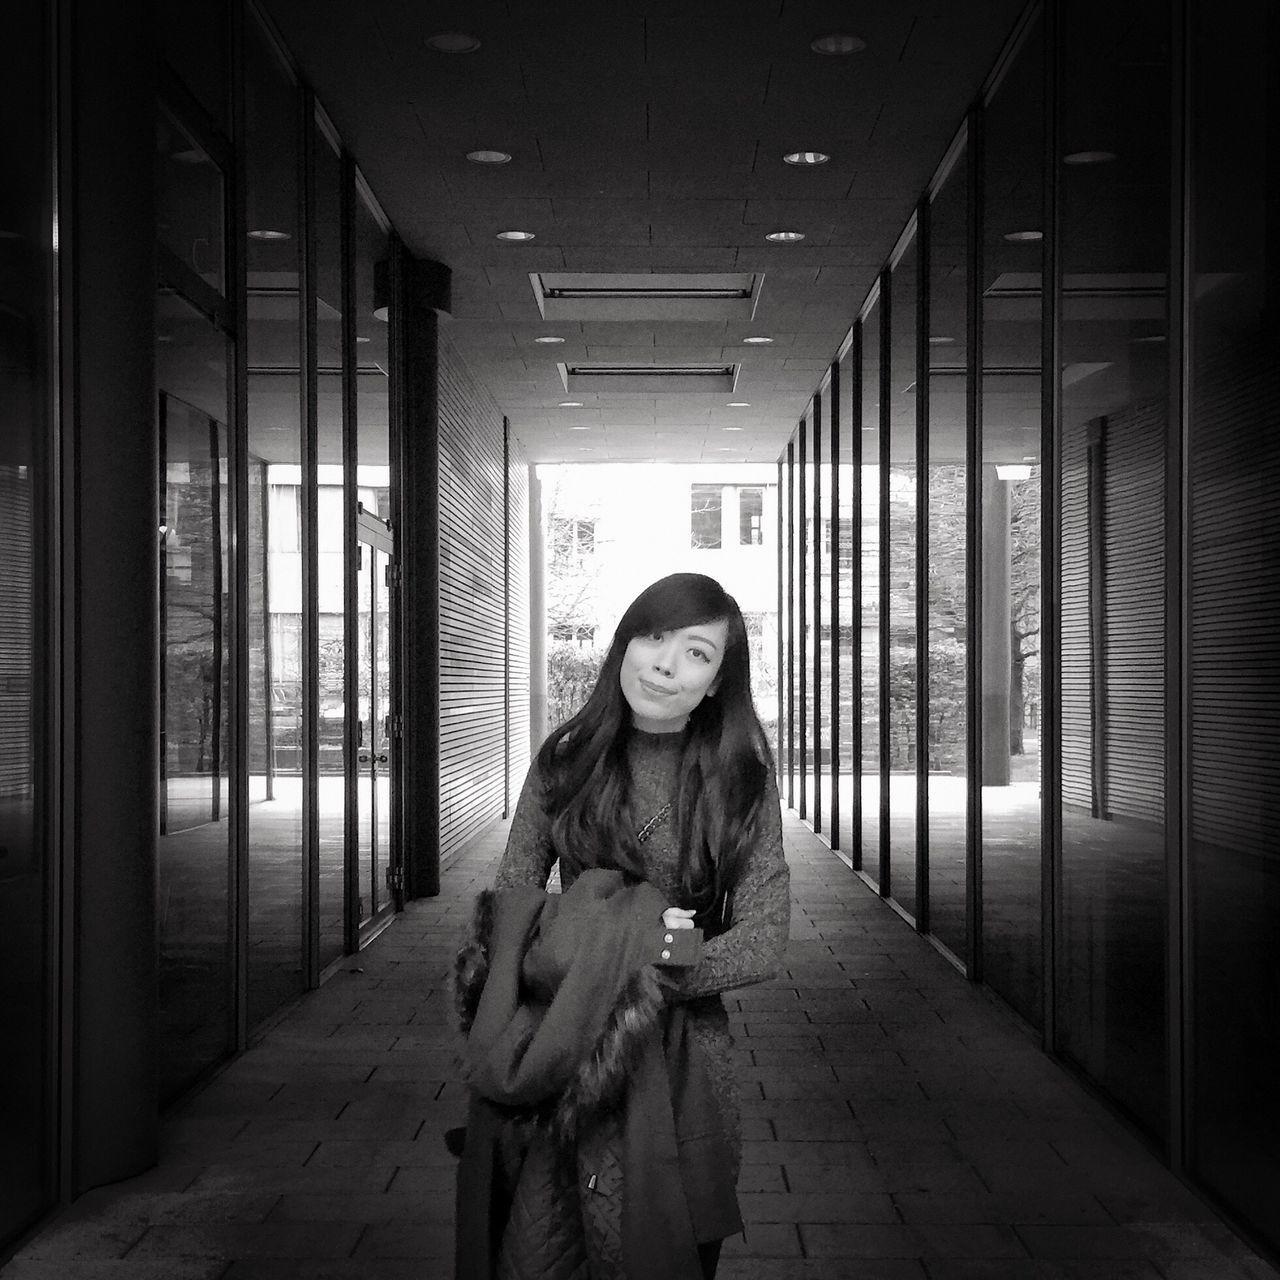 Portrait Of Woman Standing In Corridor